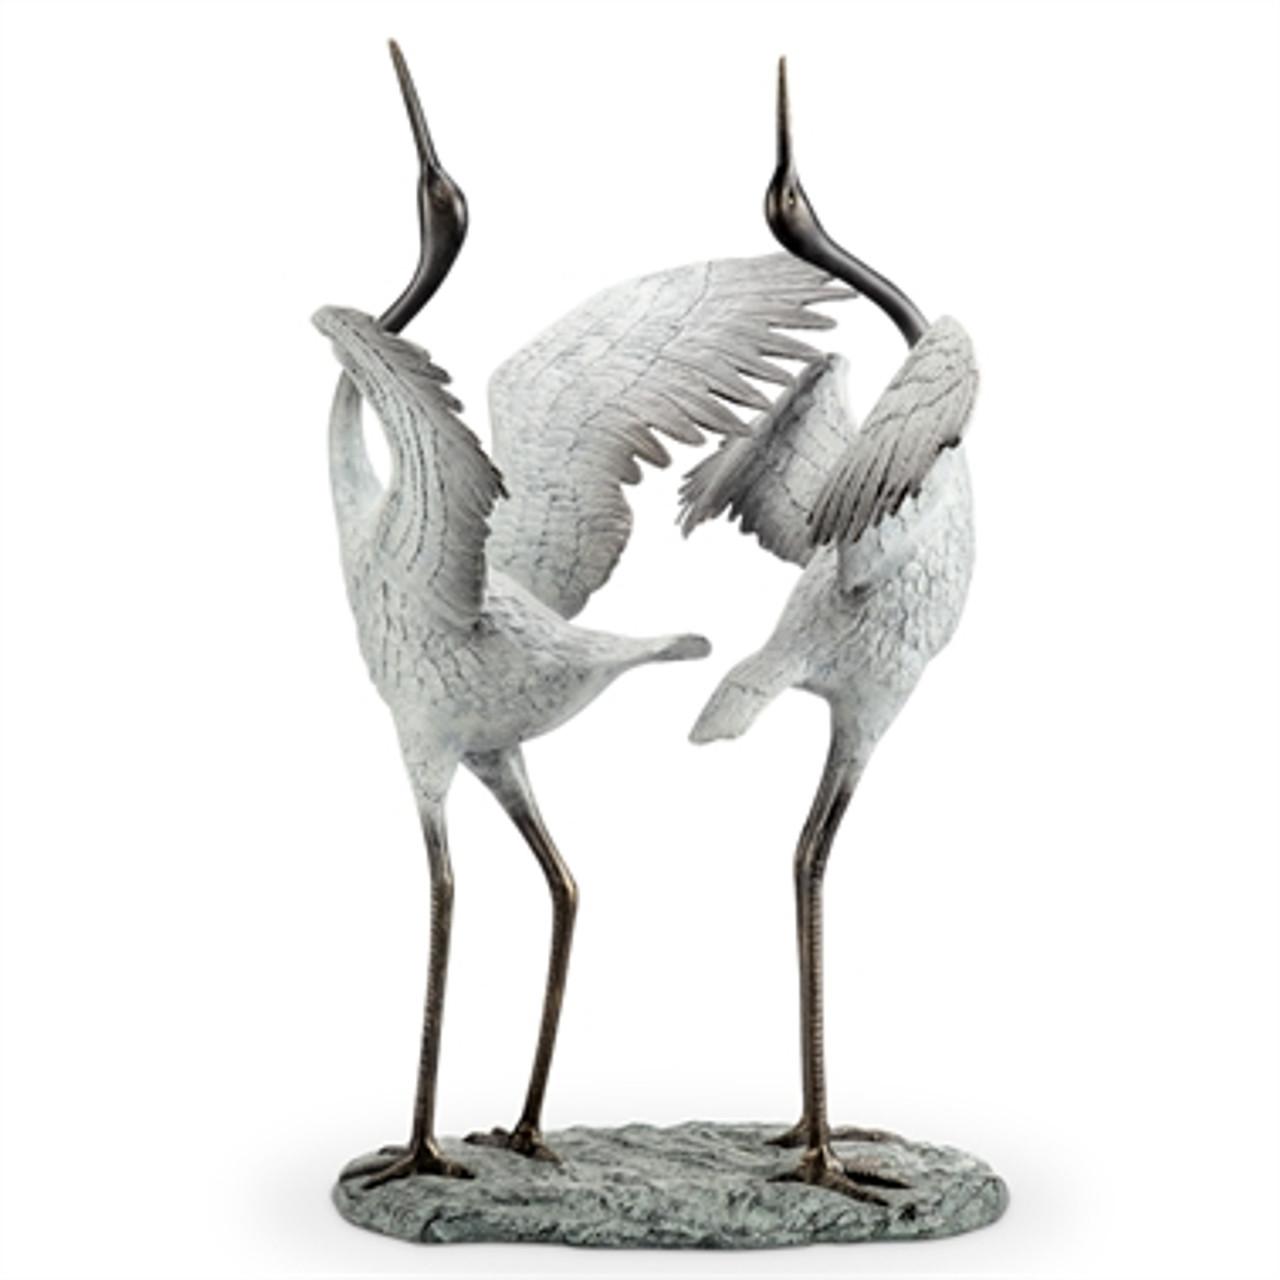 Good Fortune Garden Sculpture - Herons